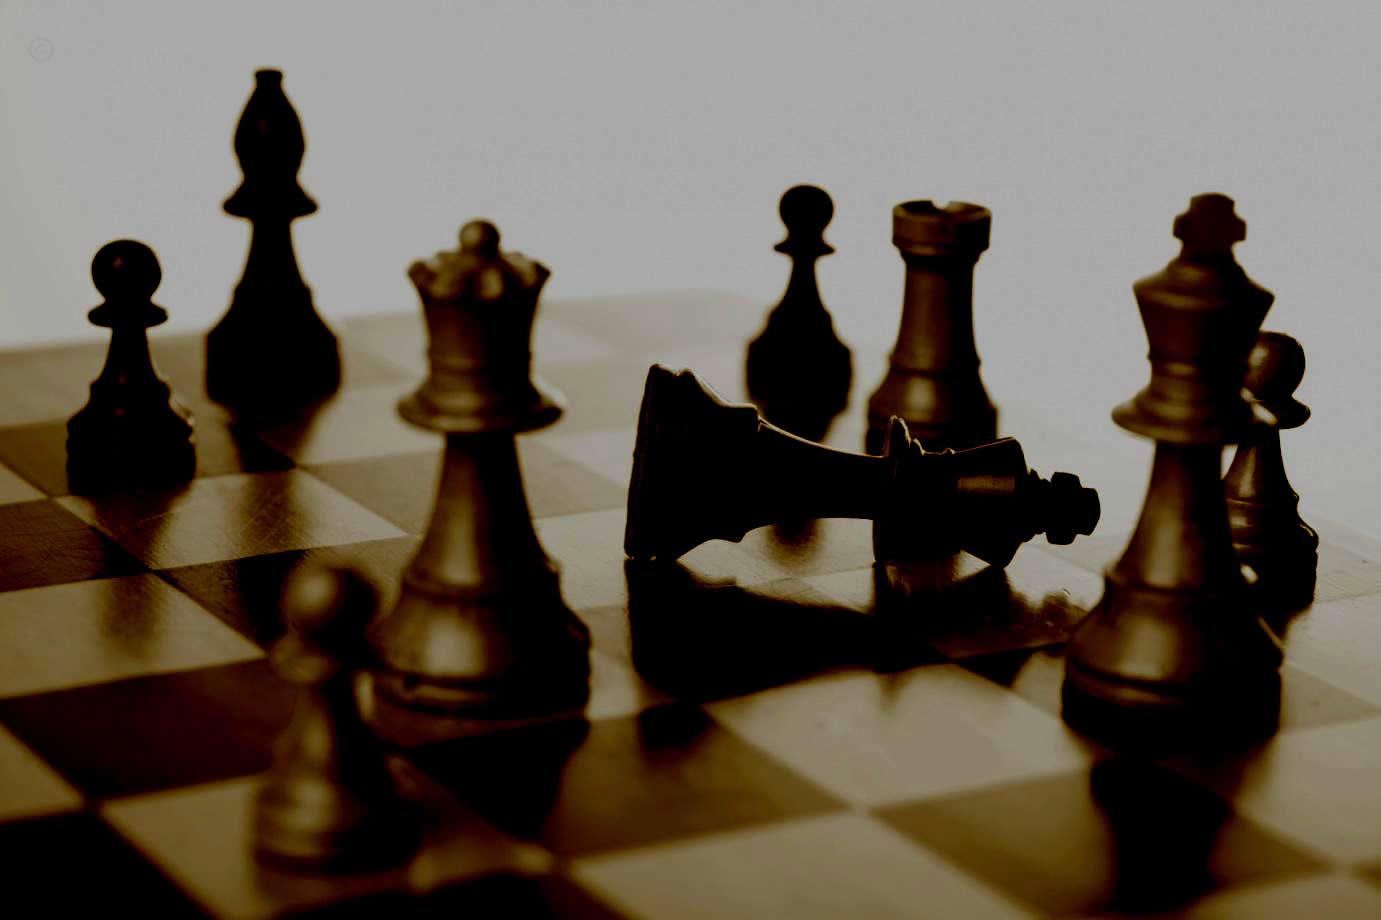 Strategi Trading Yang Paling Sering Digunakan Evy Tan